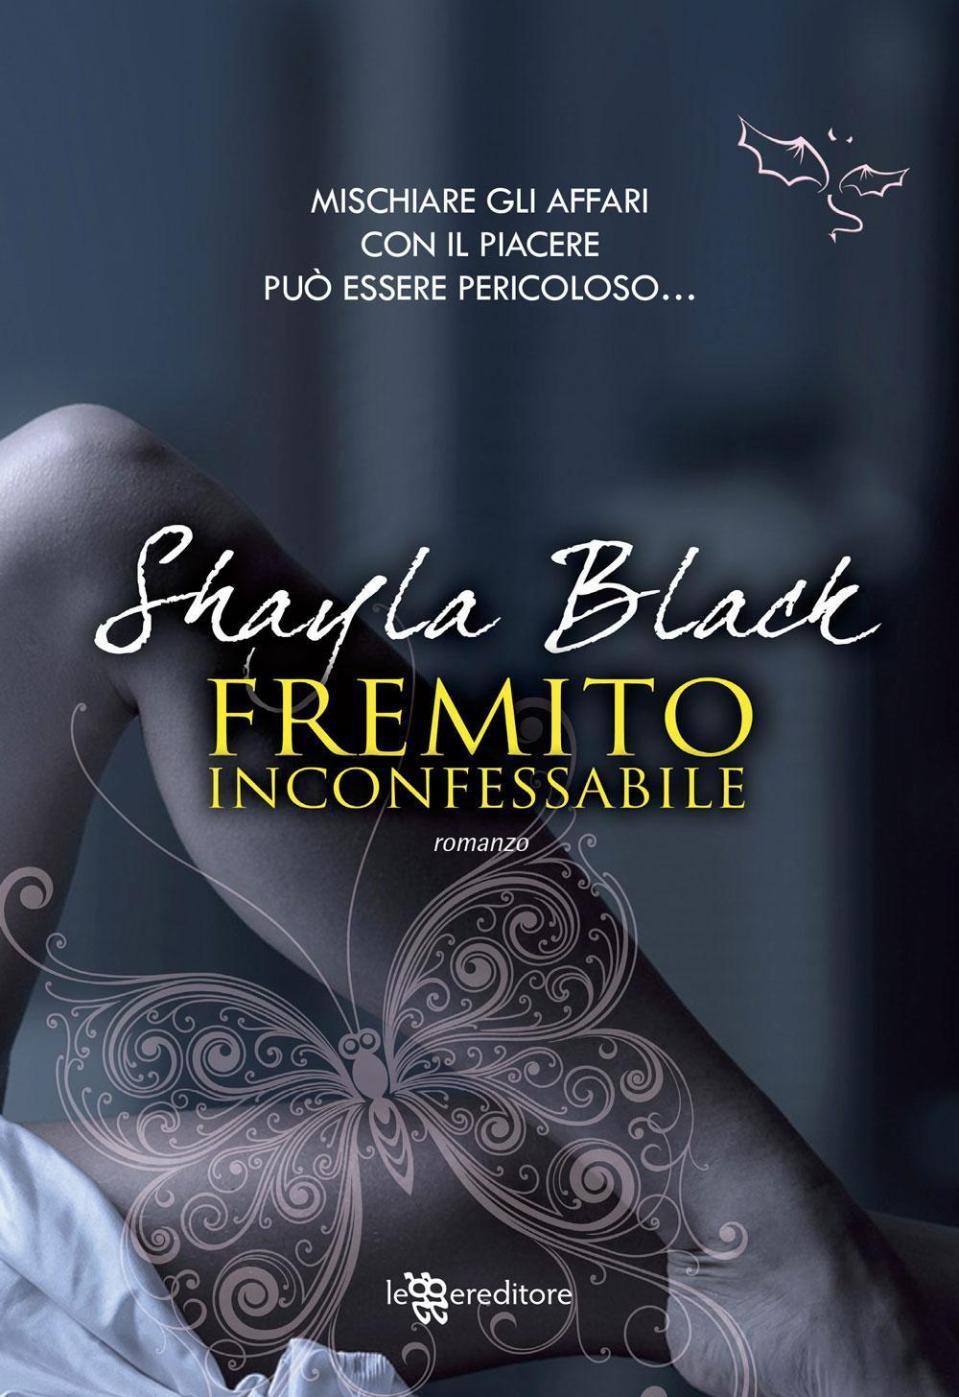 FREMITO INCONFESSABILE Book Cover